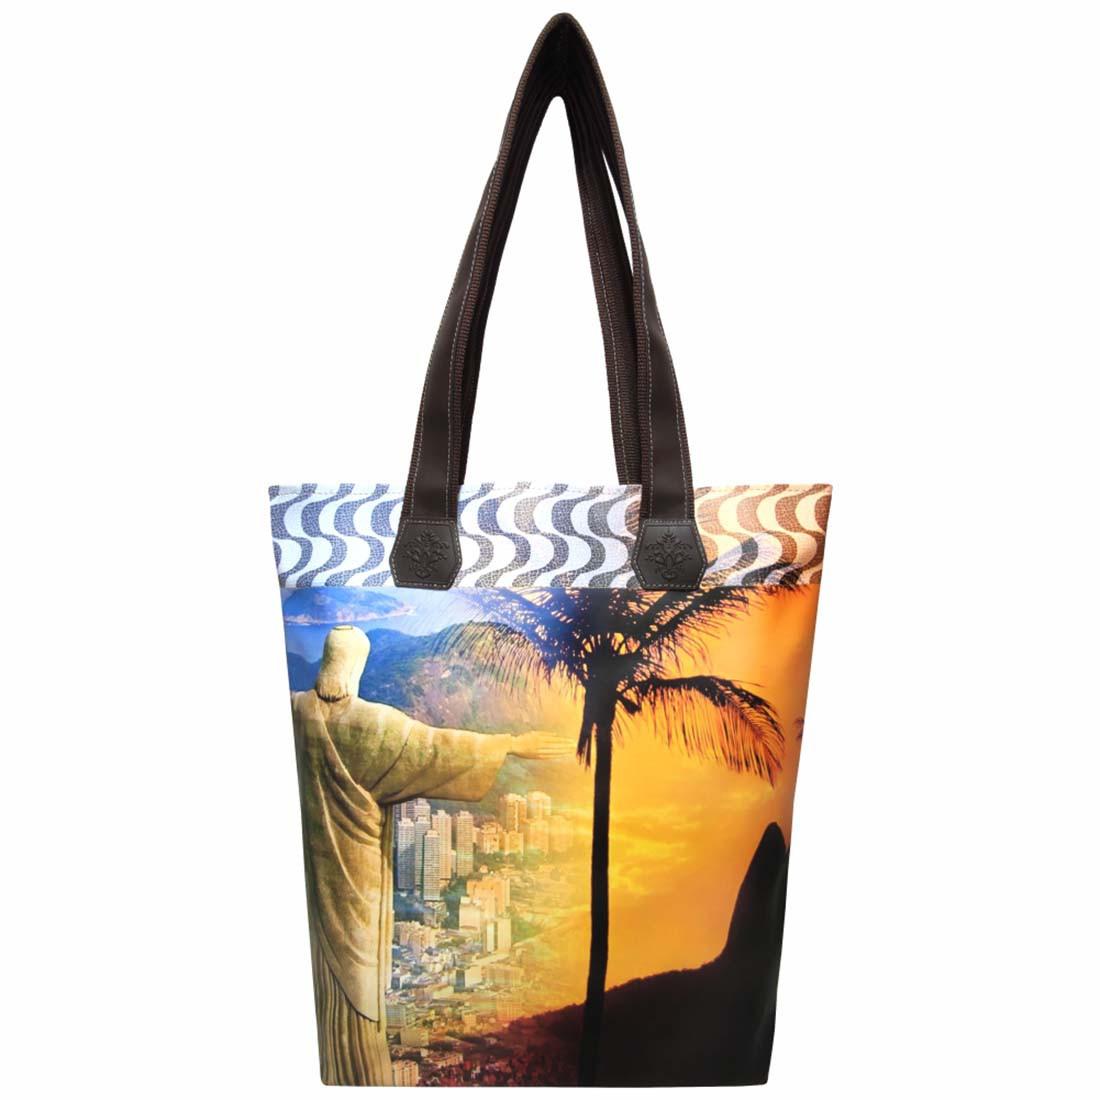 Kit Praia Feminino Rio de Janeiro com Bolsa, Necessaire e Chinelo, Magicc